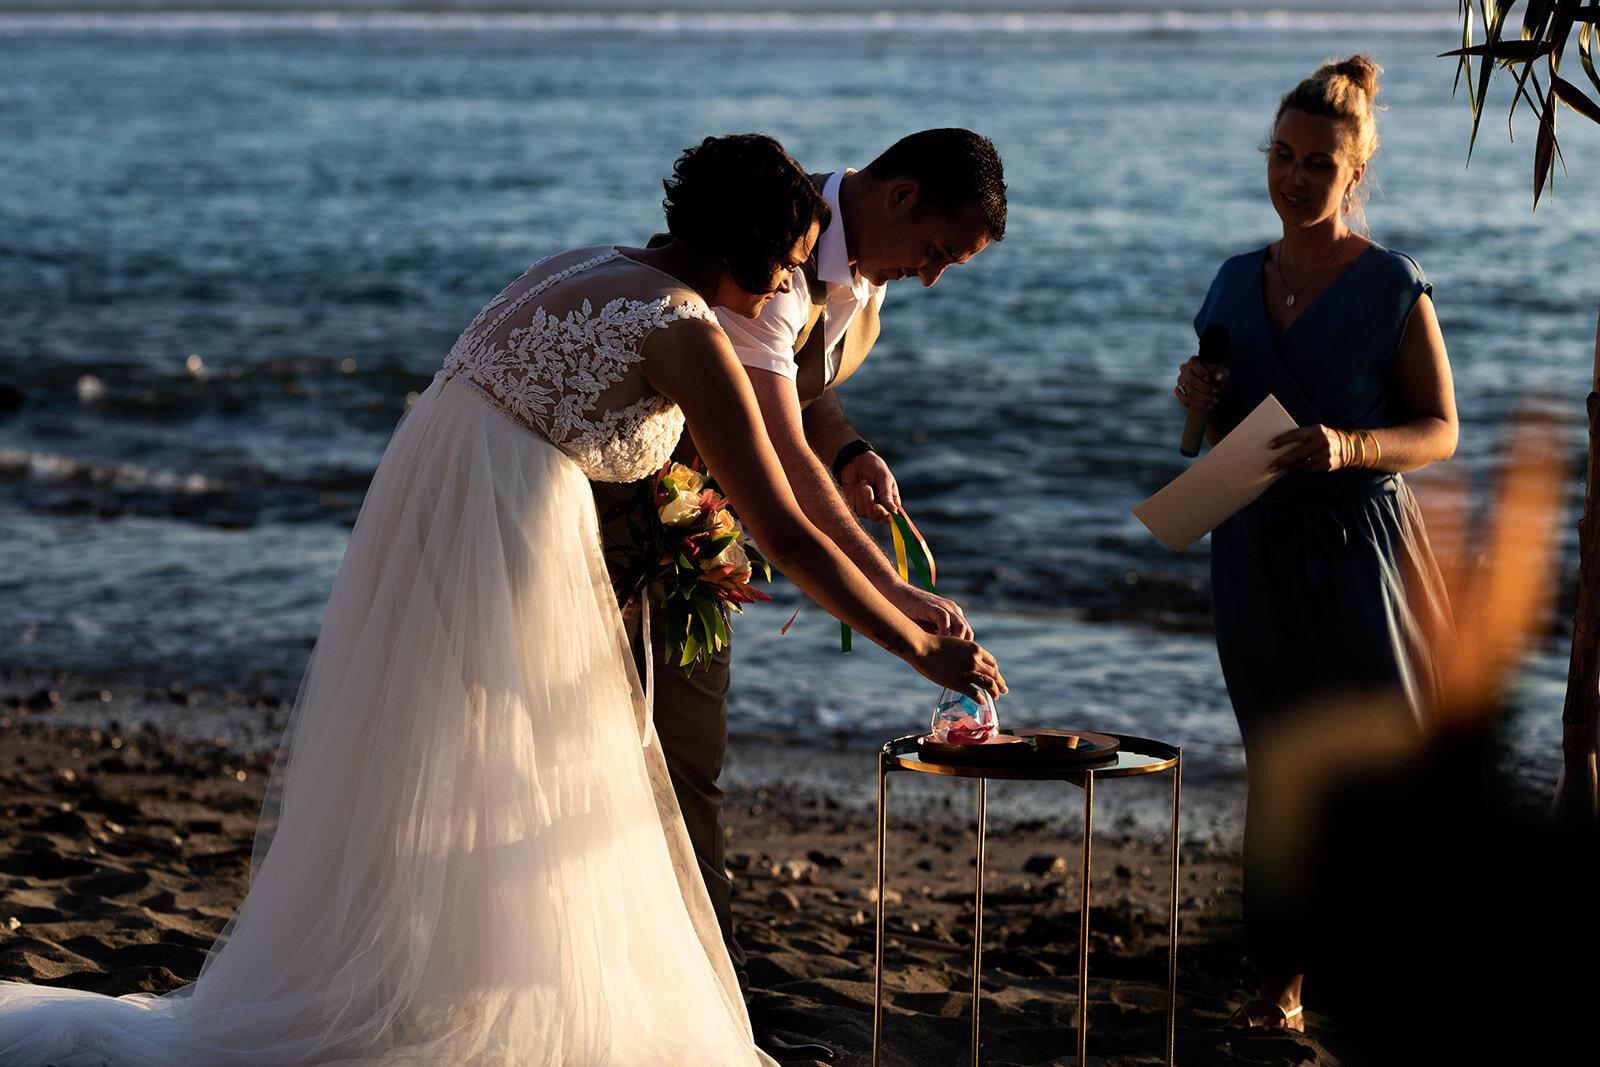 Organisation renouvellement des voeux A et S _ MRevenement wedding planner à la Réunion (25).jpg